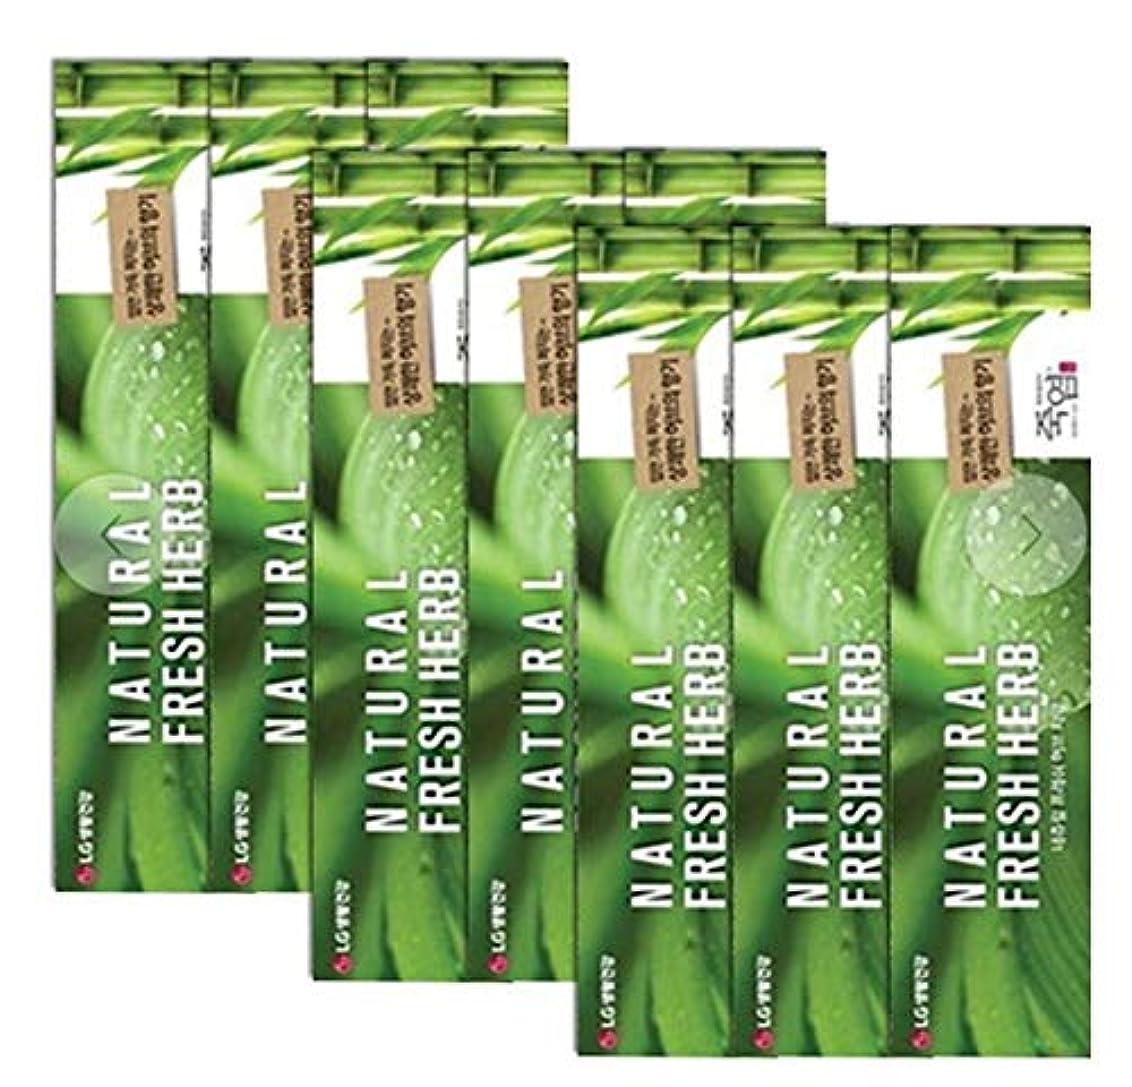 納得させる要件焼く[LG生活と健康] LG竹塩Natural Freshナチュラルフレッシュハブ歯磨き粉160g*9つの(海外直送品)